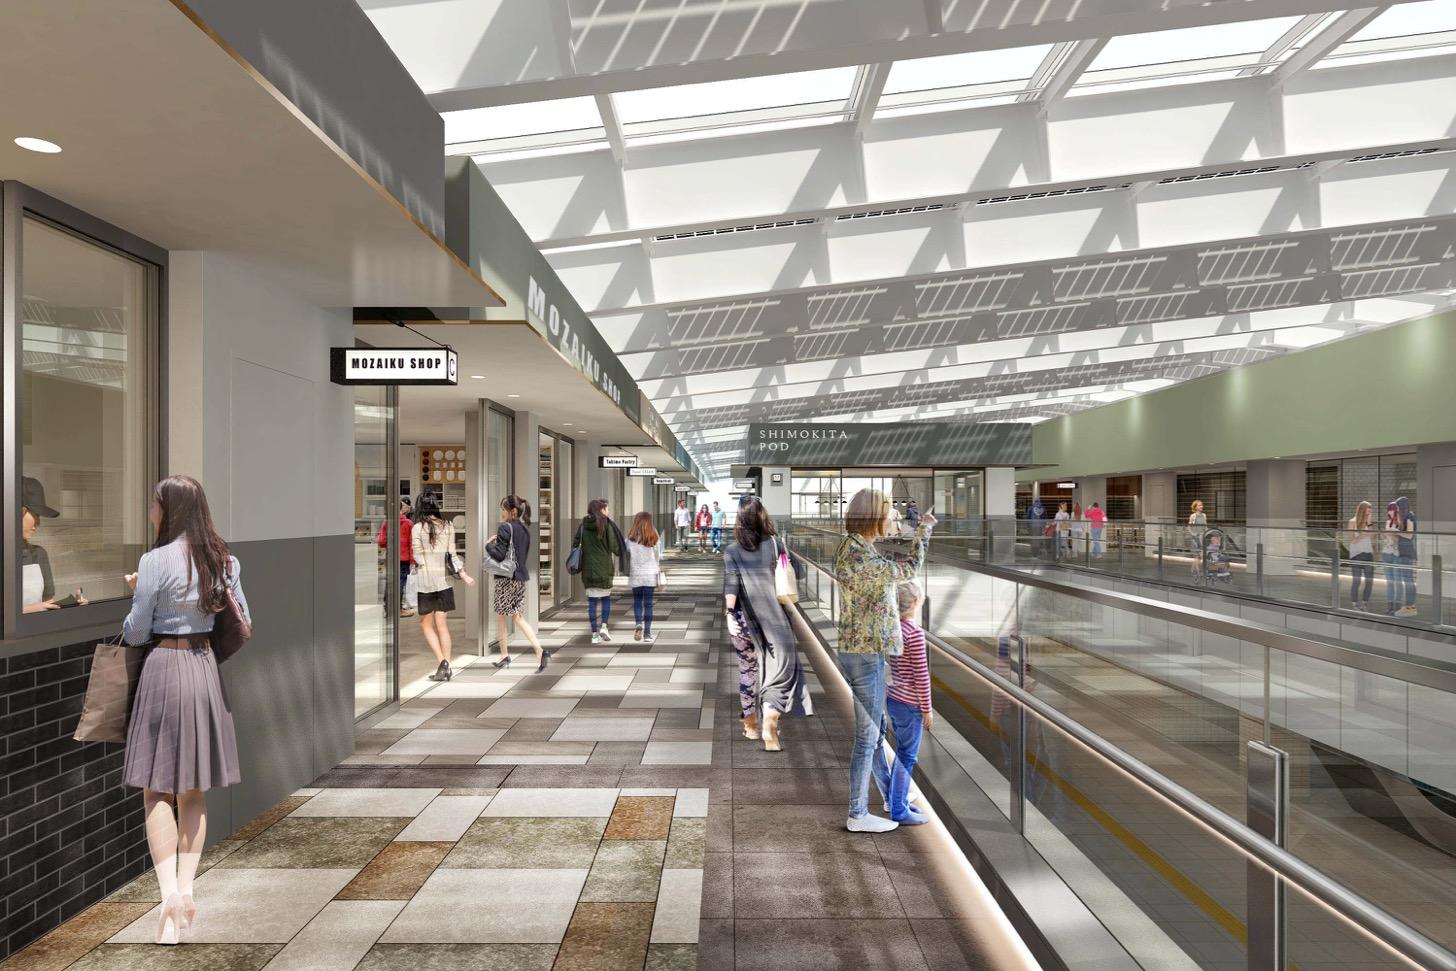 小田急線下北沢駅構内に、商業施設「シモキタエキウエ」が2019年11月1日(金)に開業